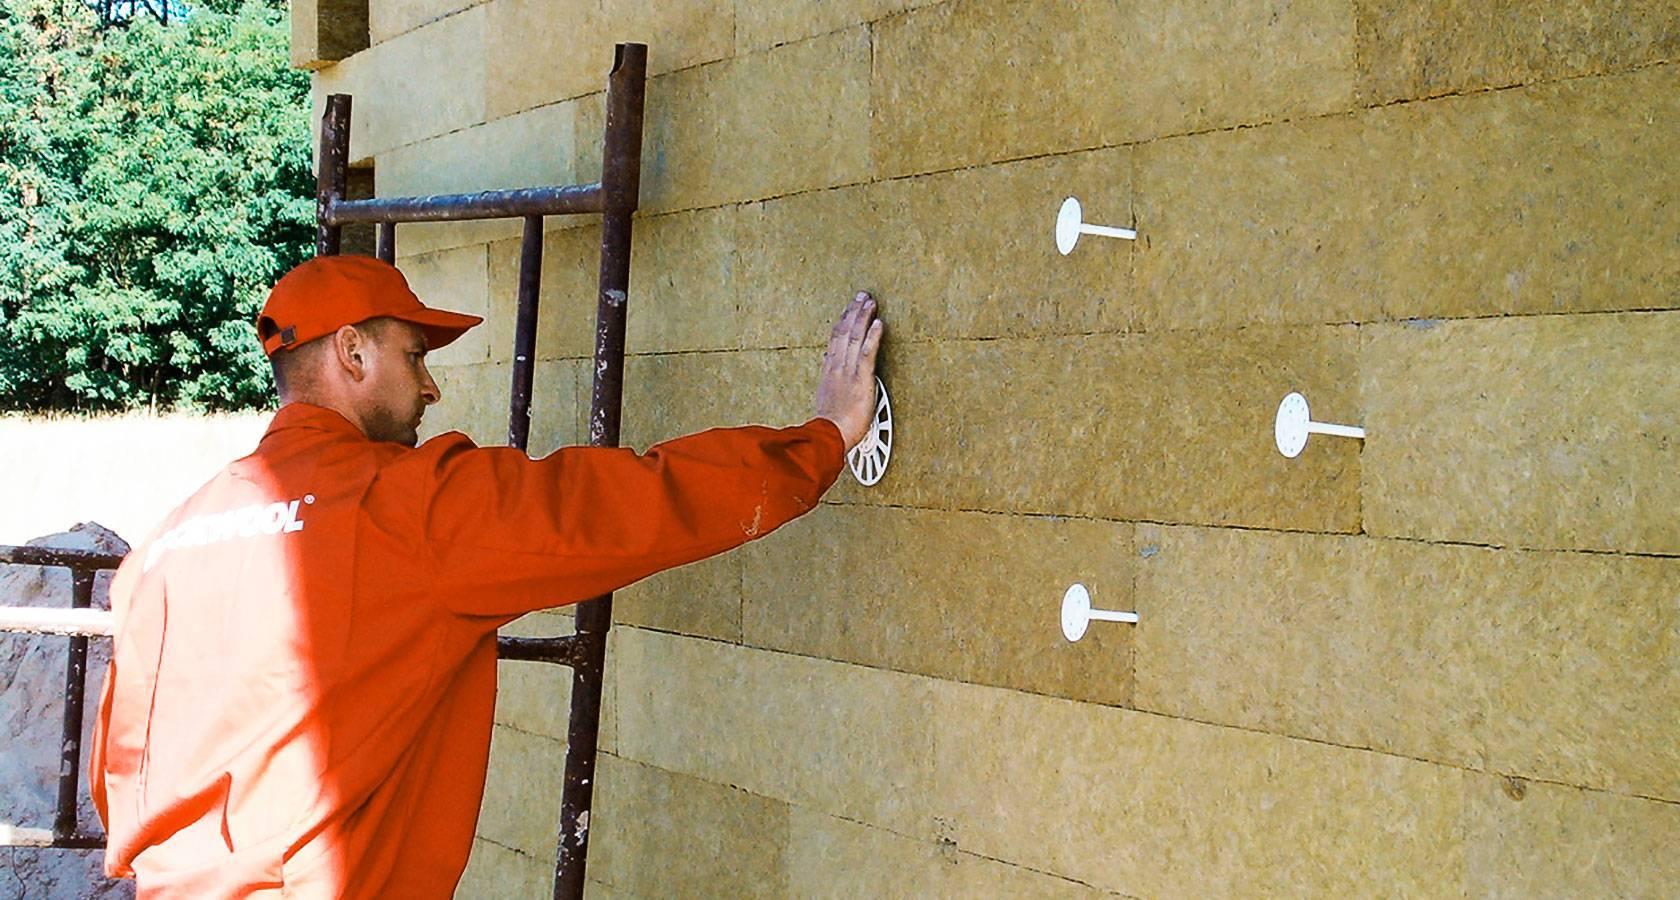 Пенопласт или минвата: что лучше для утепления дома – сравниваем характеристики